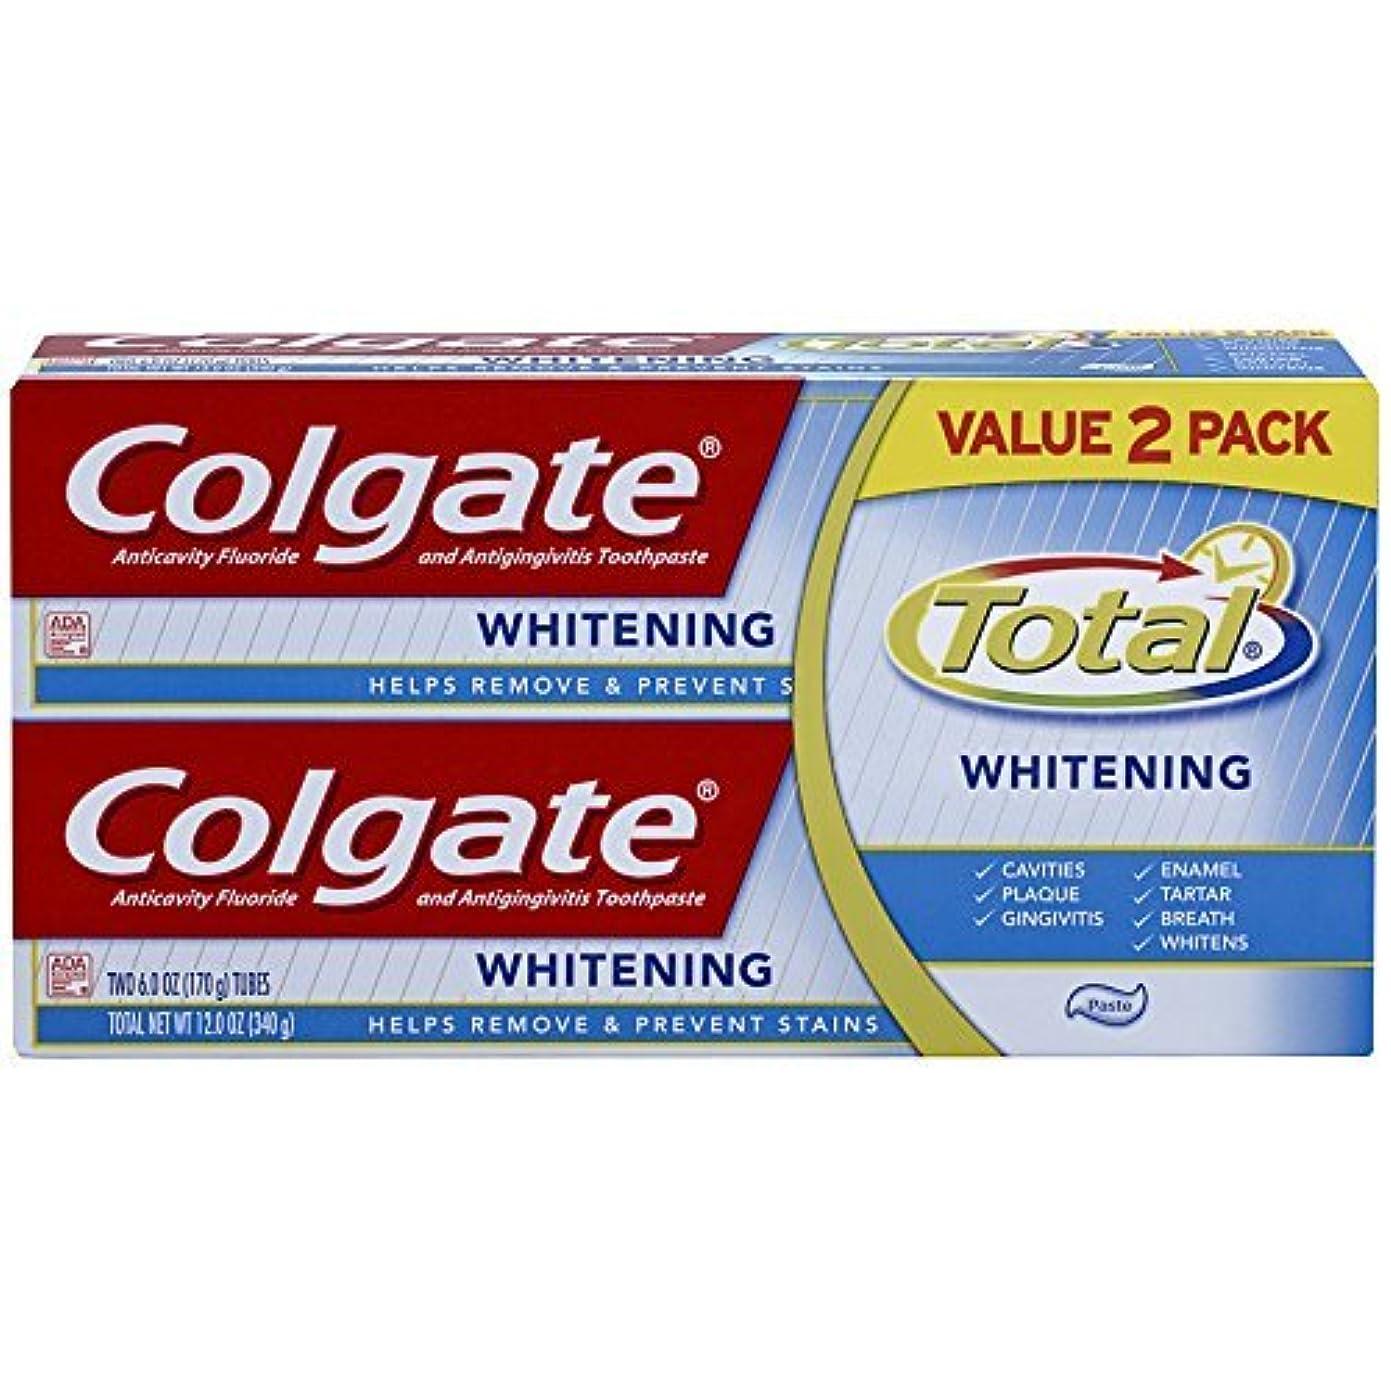 アスリート愛おかしいColgate Total Whitening Toothpaste Twin Pack - 6 ounce [並行輸入品]